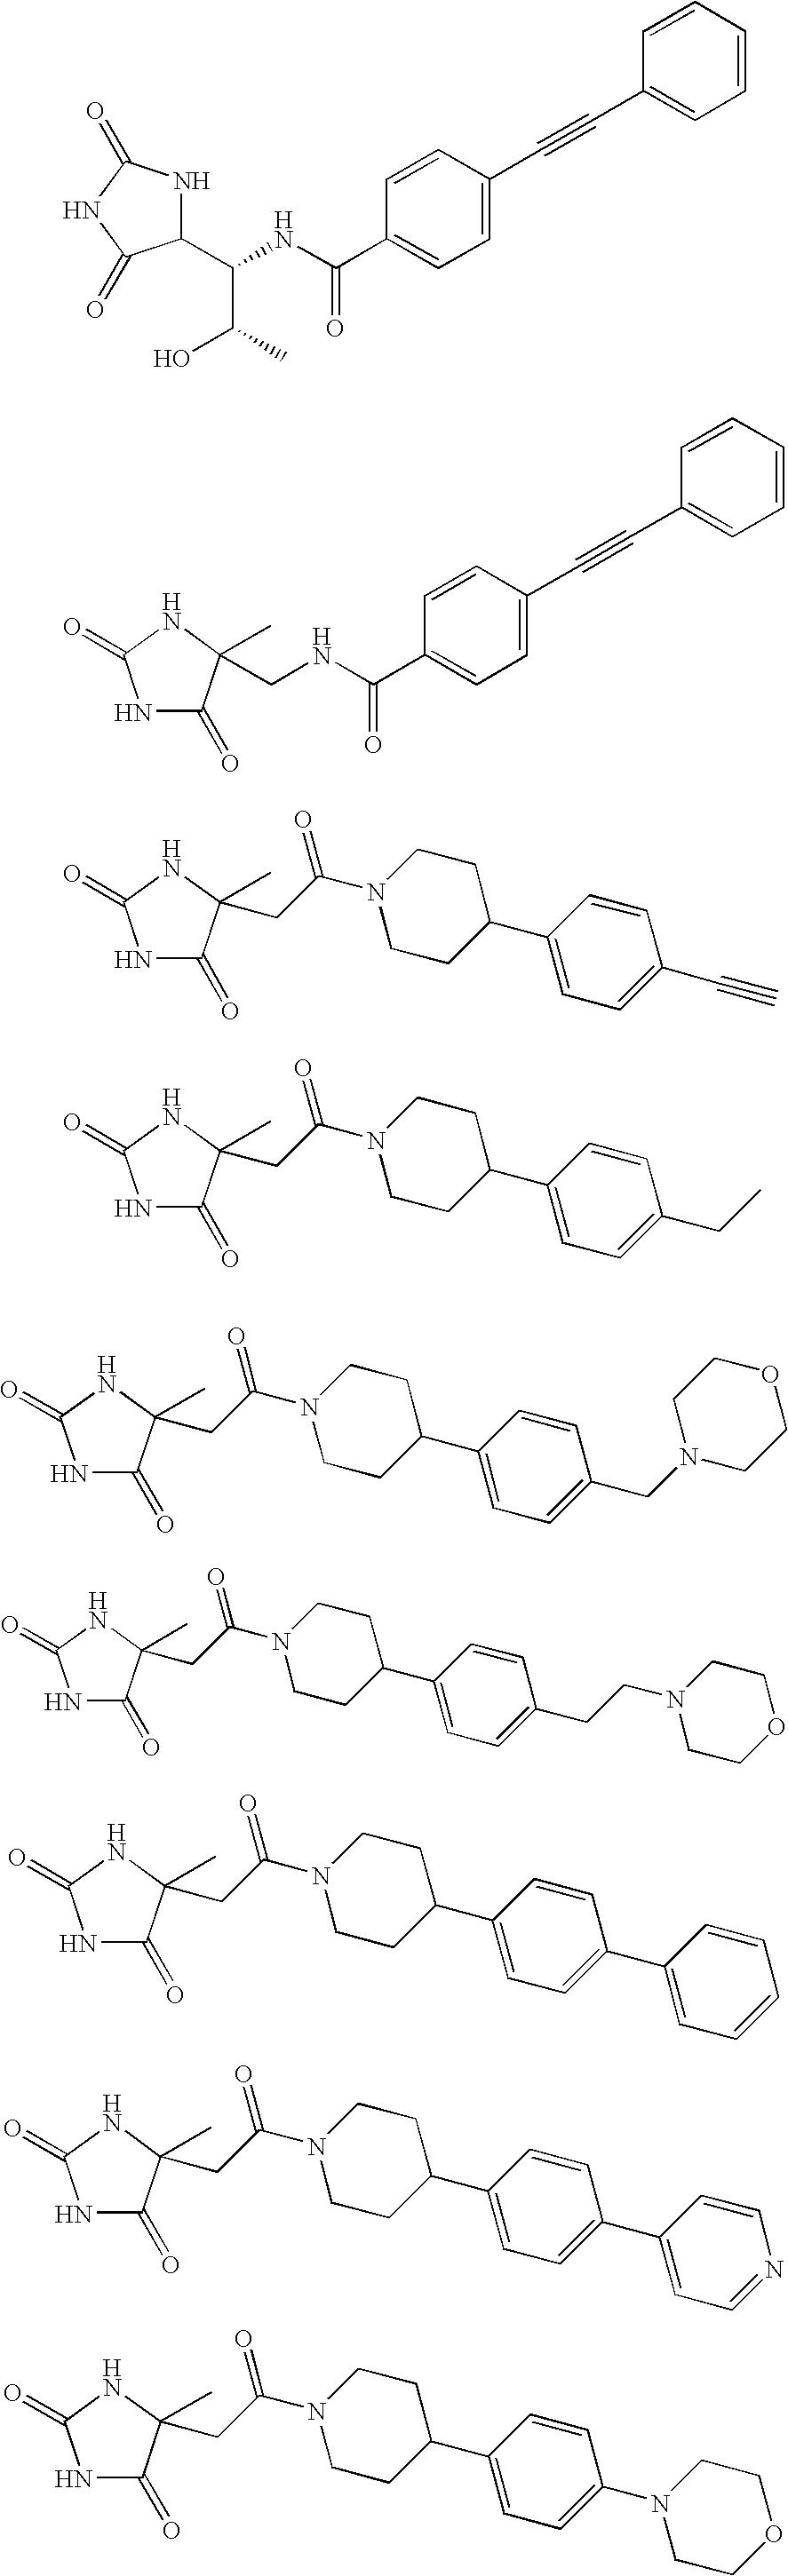 Figure US07998961-20110816-C00005